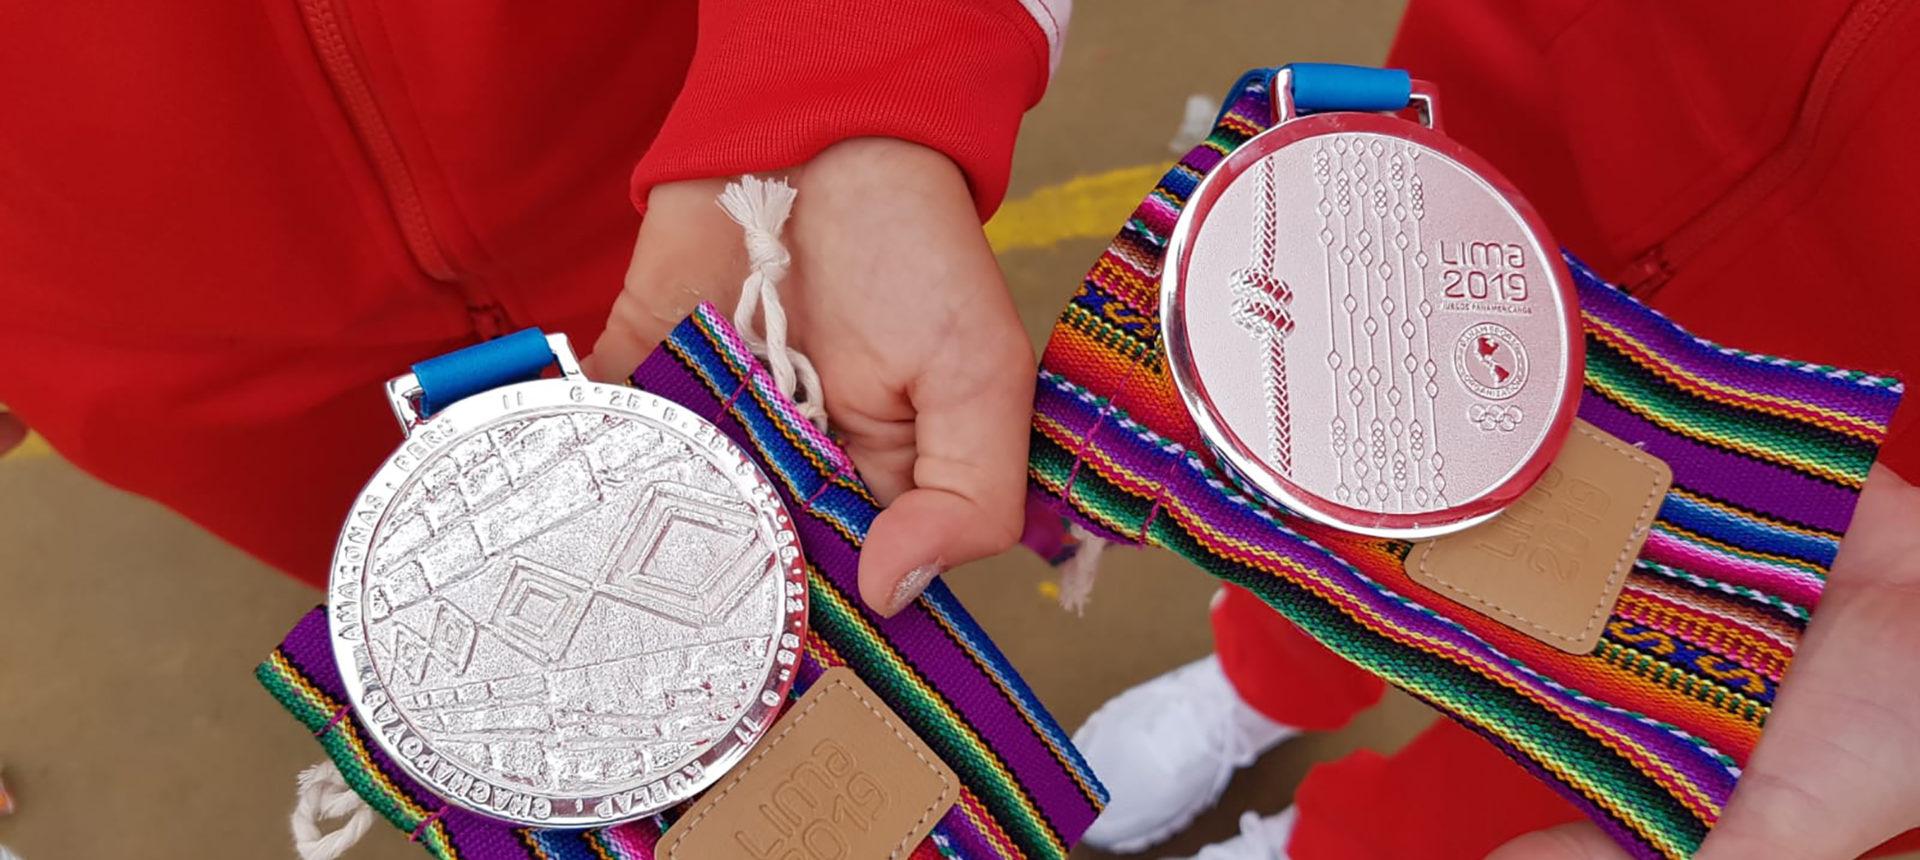 Une première médaille en aviron pour le Canada aux Jeux panaméricains de 2019 au Pérou